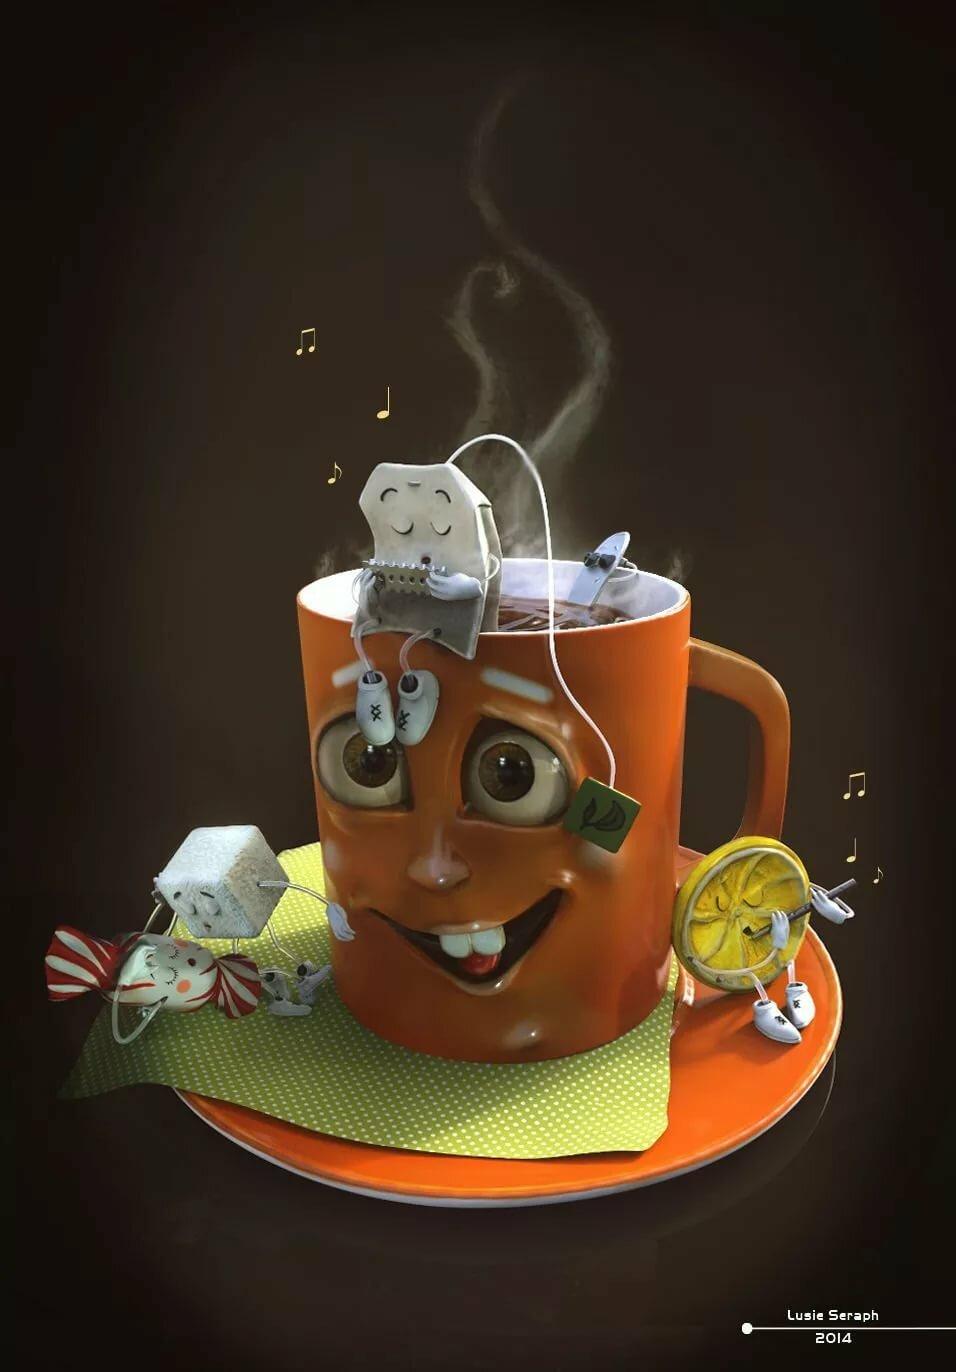 один такой прикольные картинки про чай и кофе маленькая средняя